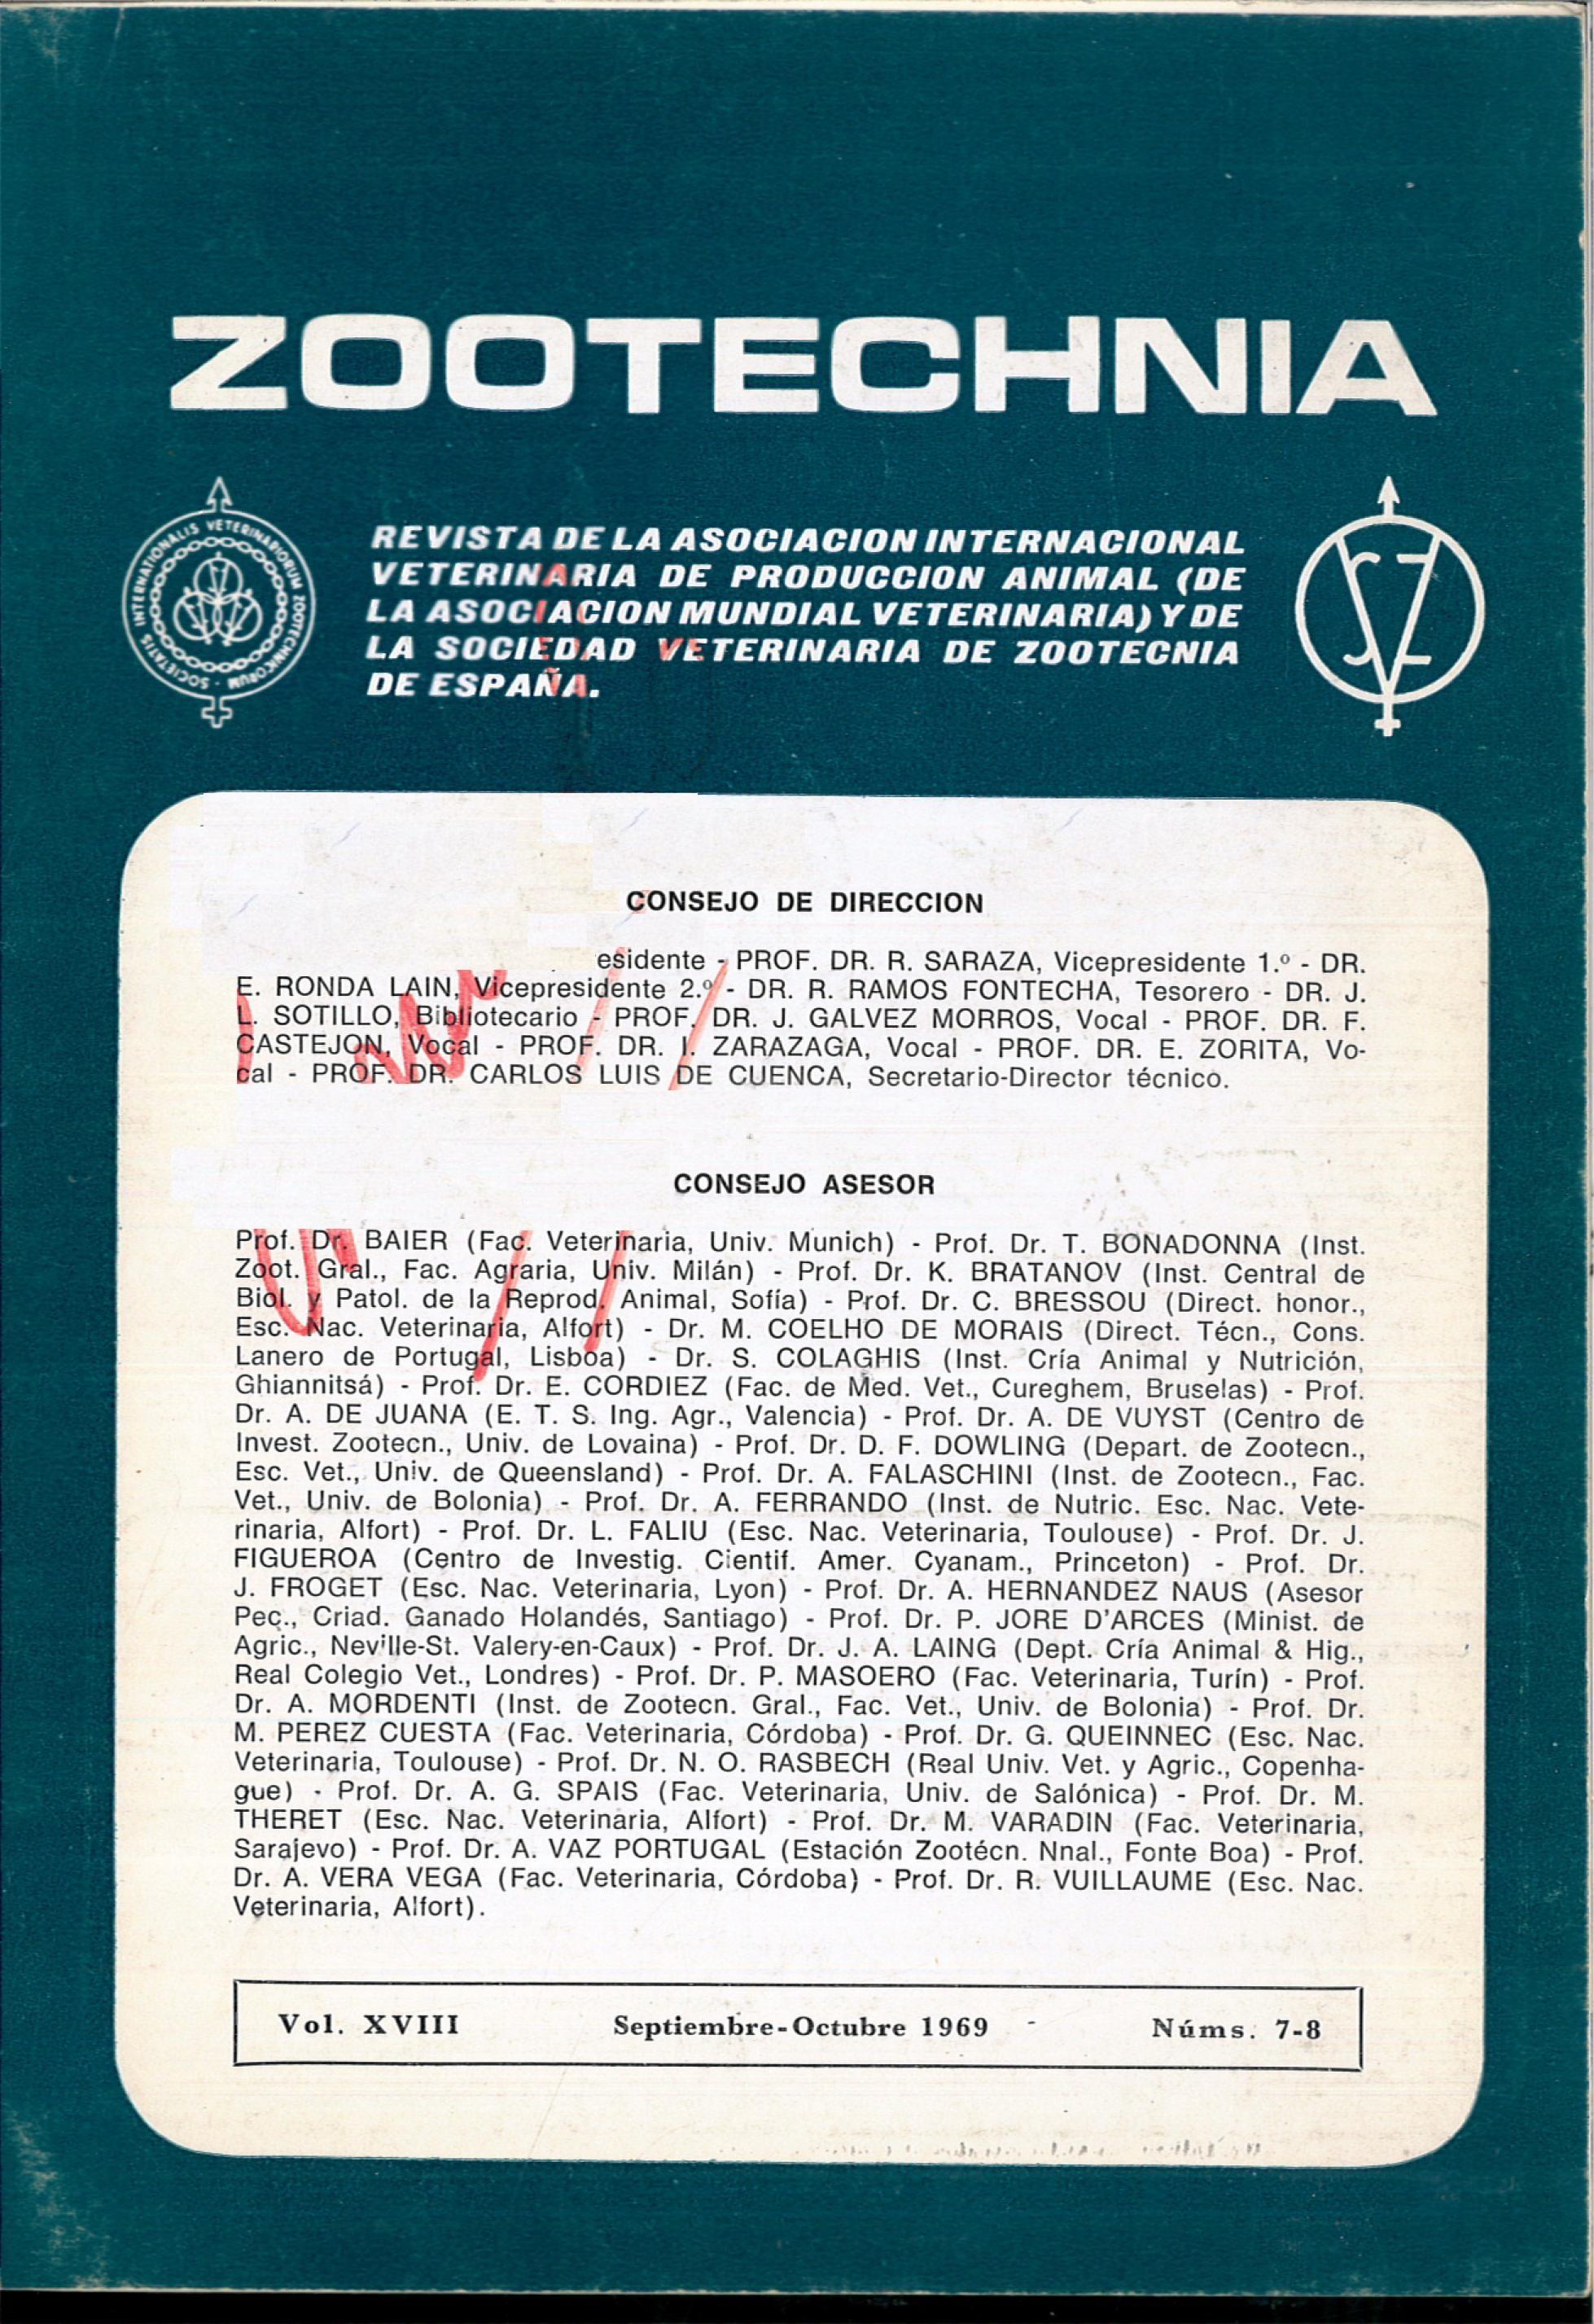 ZOOTECHNIA. Revista de la Asociación Internacional Veterinaria de Producción Animal (de la Asociación Mundial Veterinaria) y la Sociedad Veterinaria de Zootecnia de España).Vol. XVIII, Núms. 7-8 (Septiembre-Octubre de 1969).